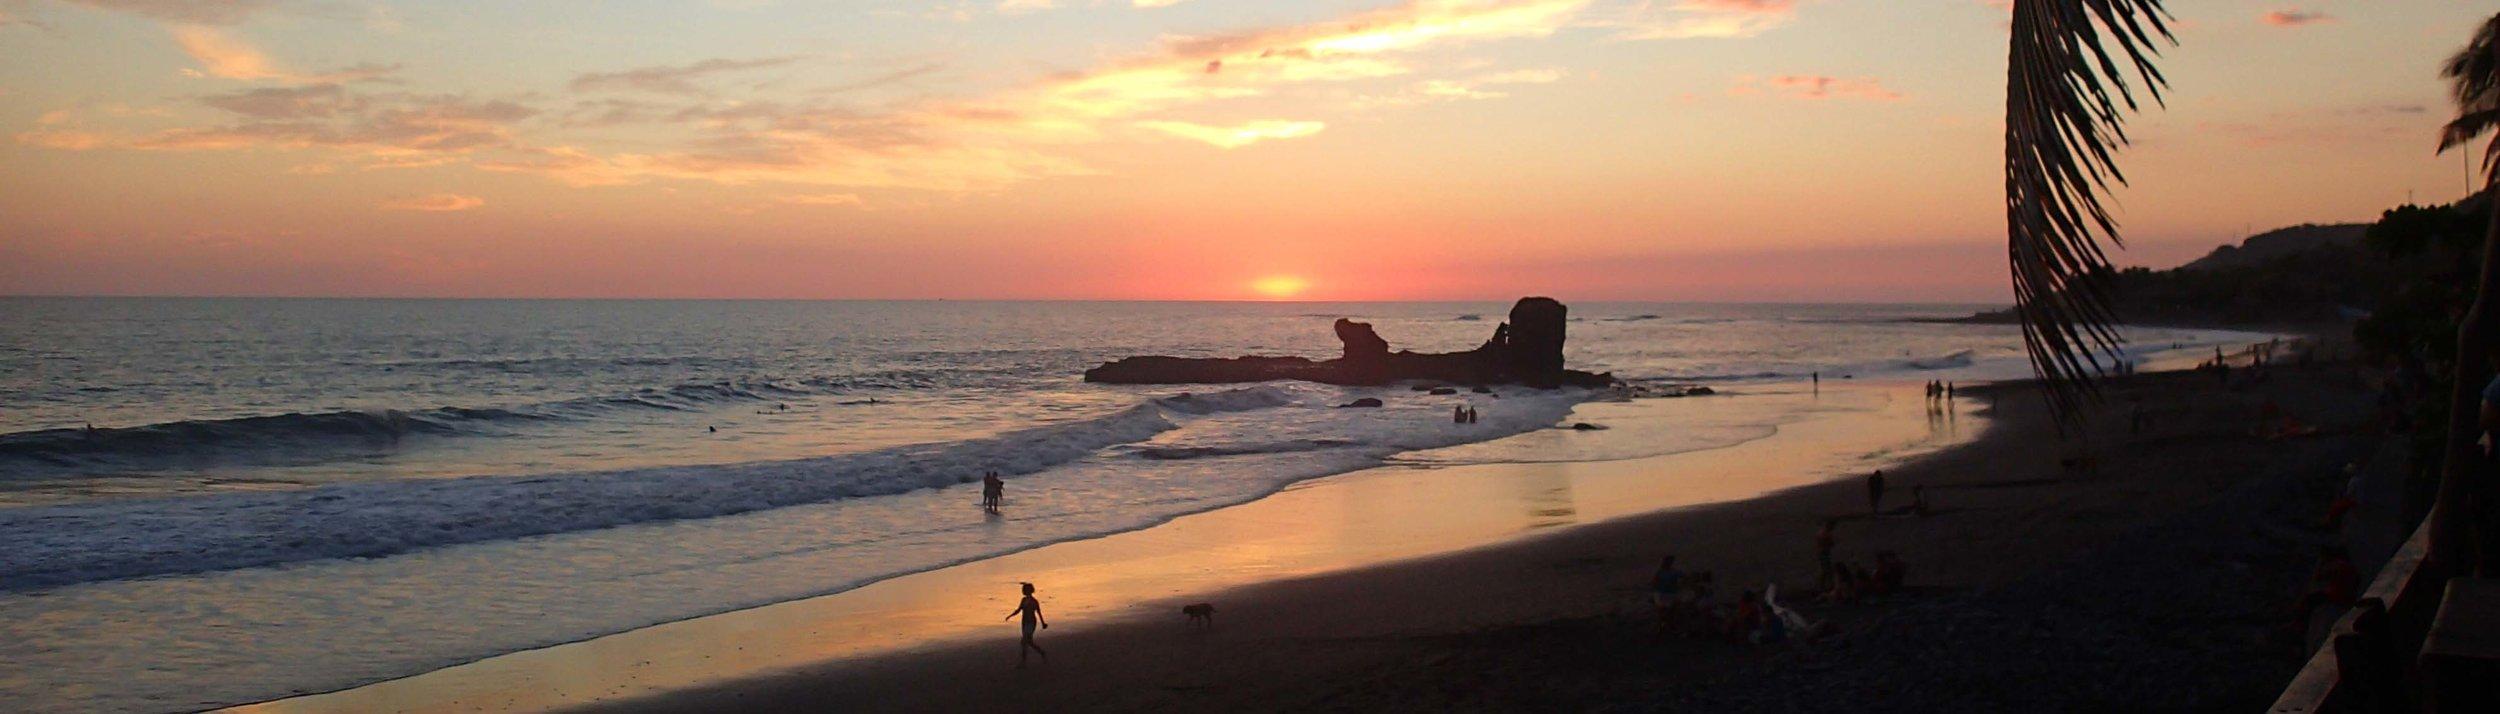 El Tunco sunset 12-5-14.jpg